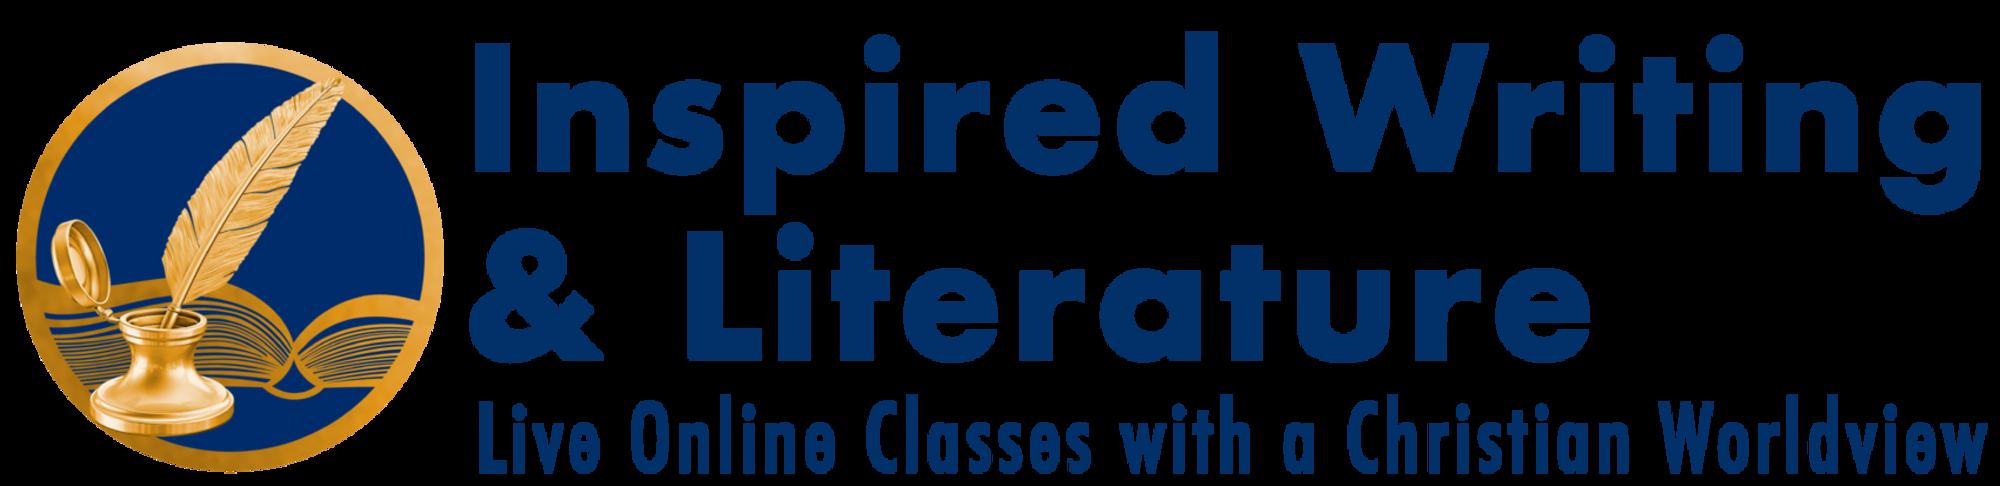 IWL - Inspired Writing & Literature